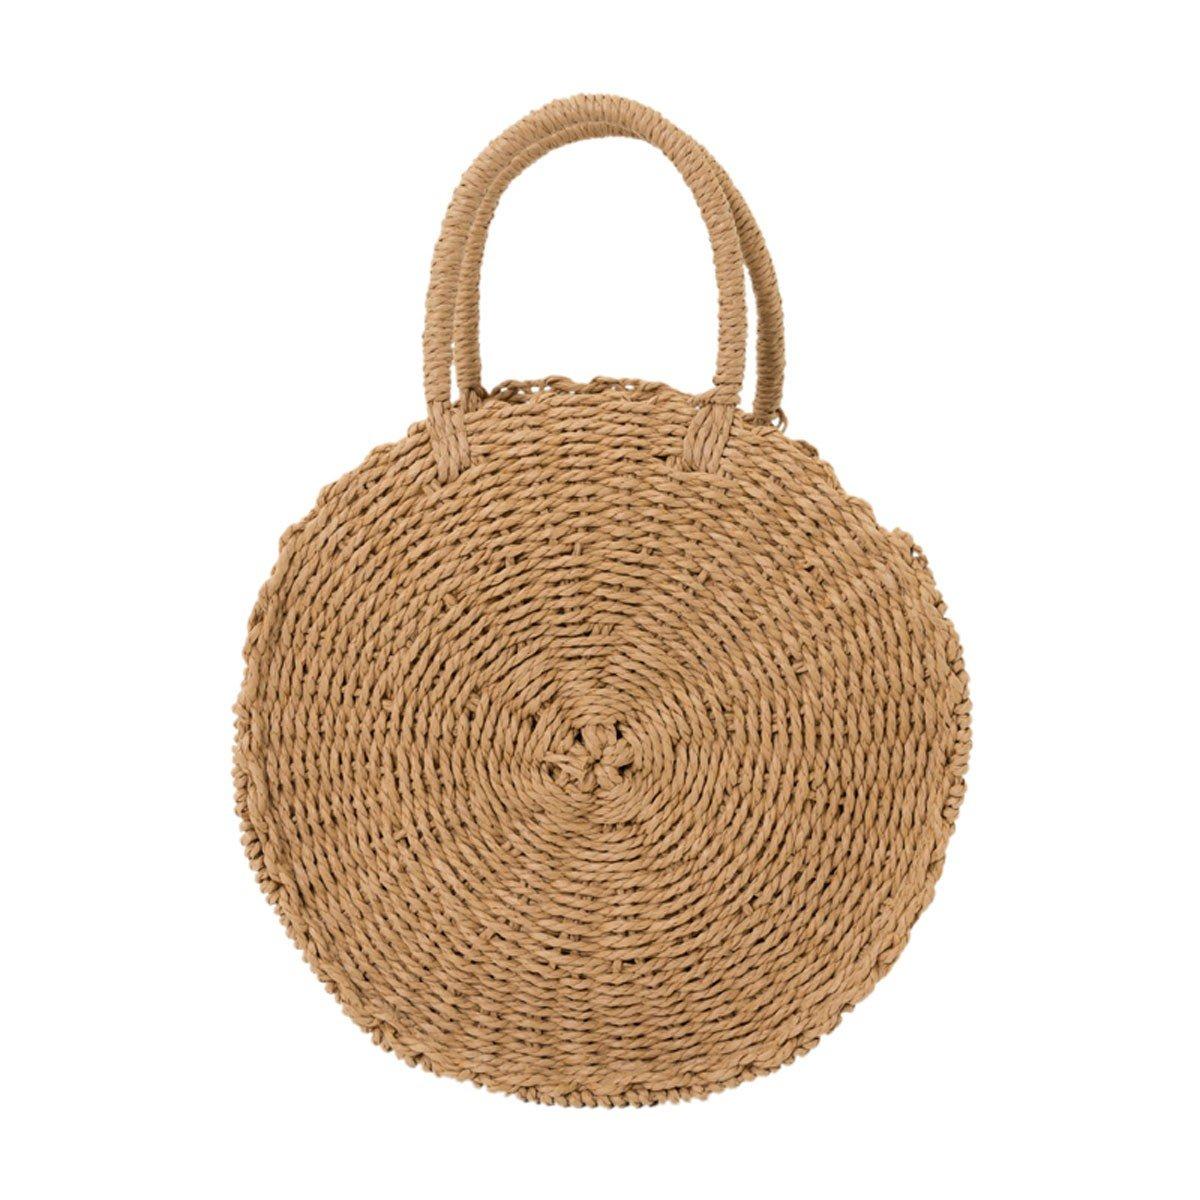 WFYJY-rundschreiben aus Tasche Handgemacht Stroh aus Tasche ferienort badetasche Mode-Handtasche.